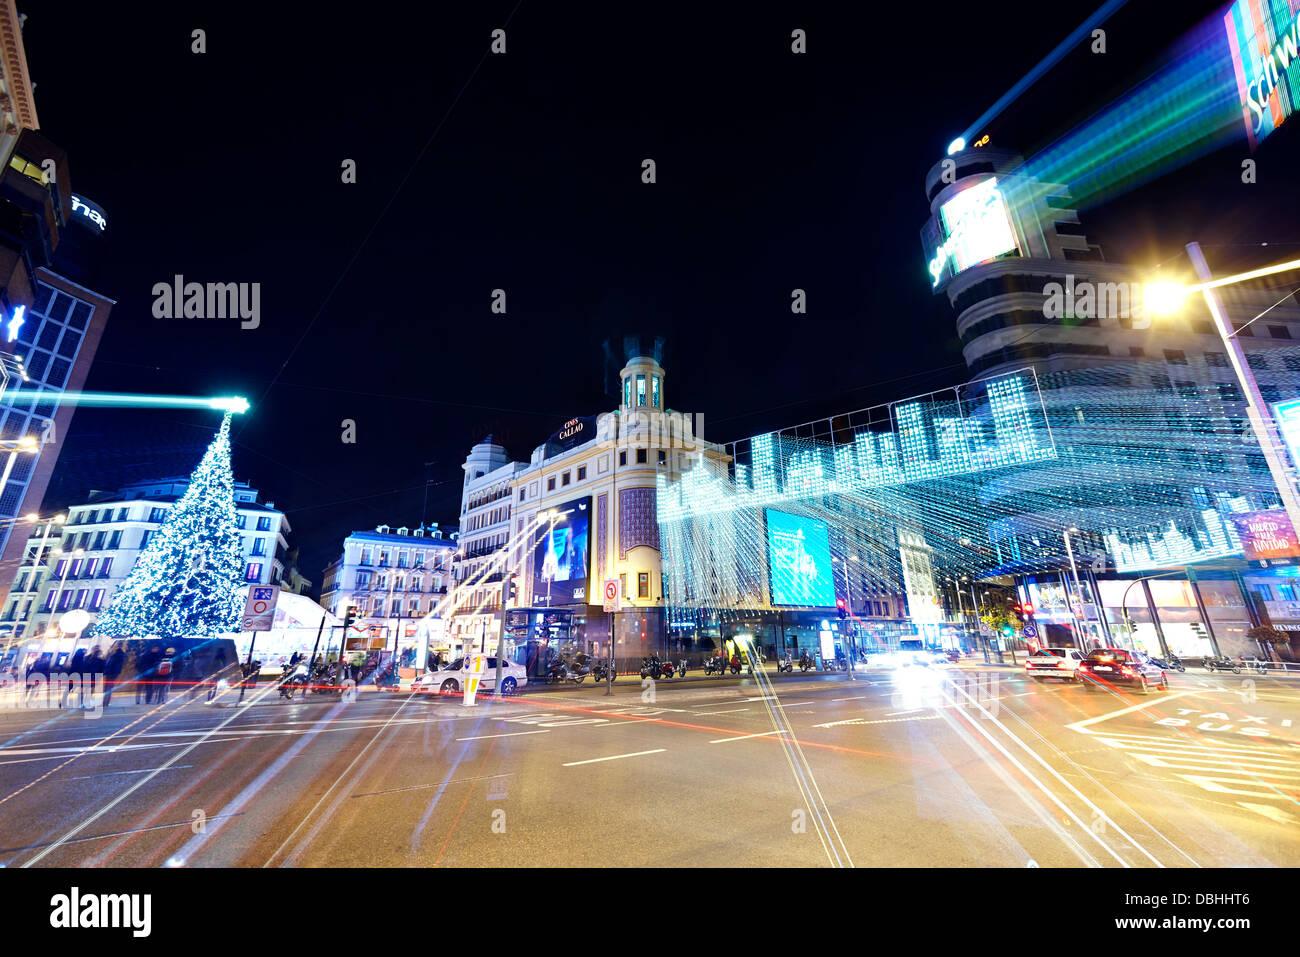 Verkehr in Callao Platz mit Lichterketten zur Weihnachtszeit. Madrid. Spanien. Stockbild